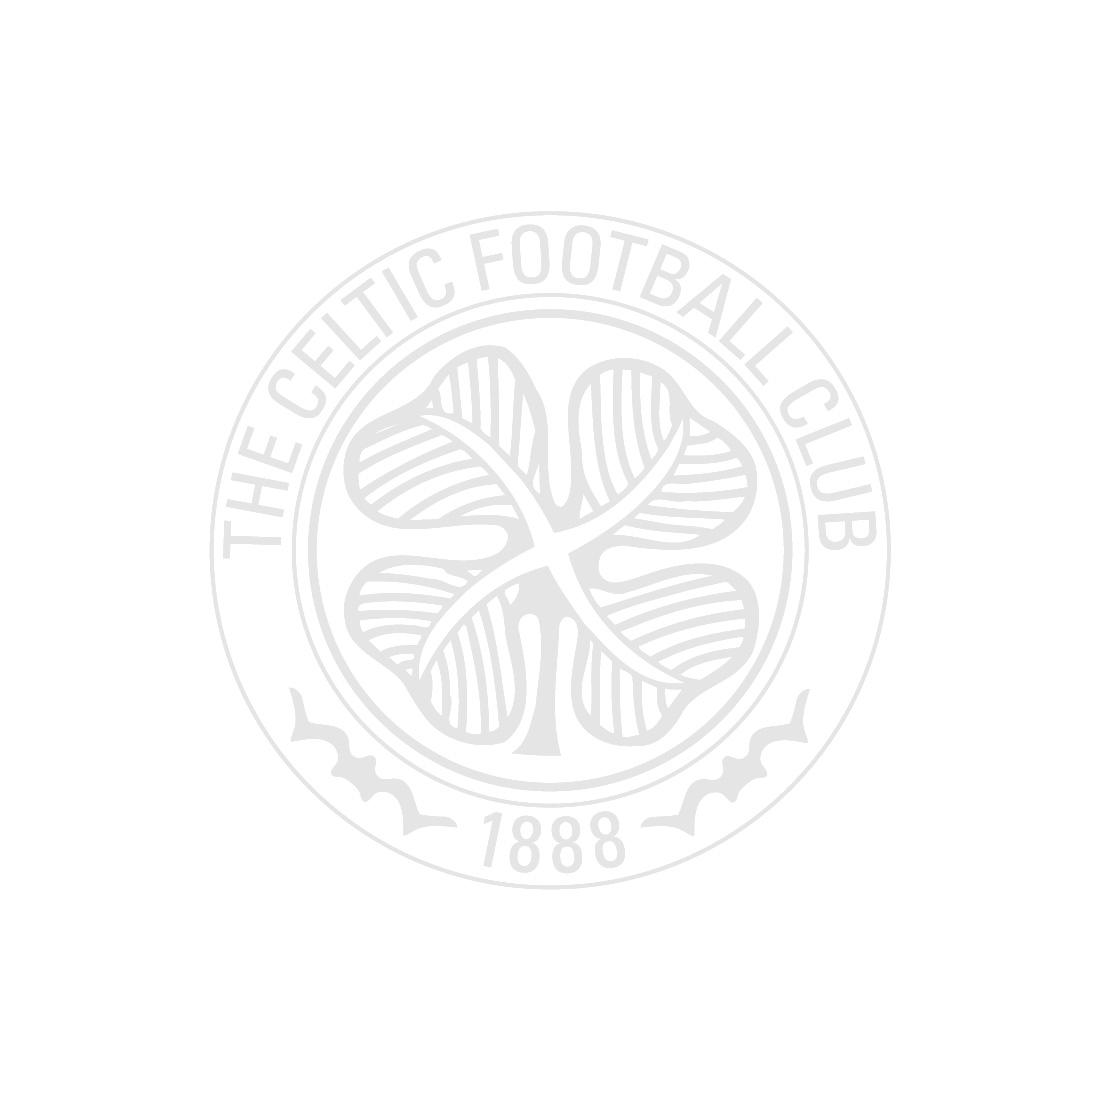 Neil Lennon: Notes On A Season: Nine In A Row Book